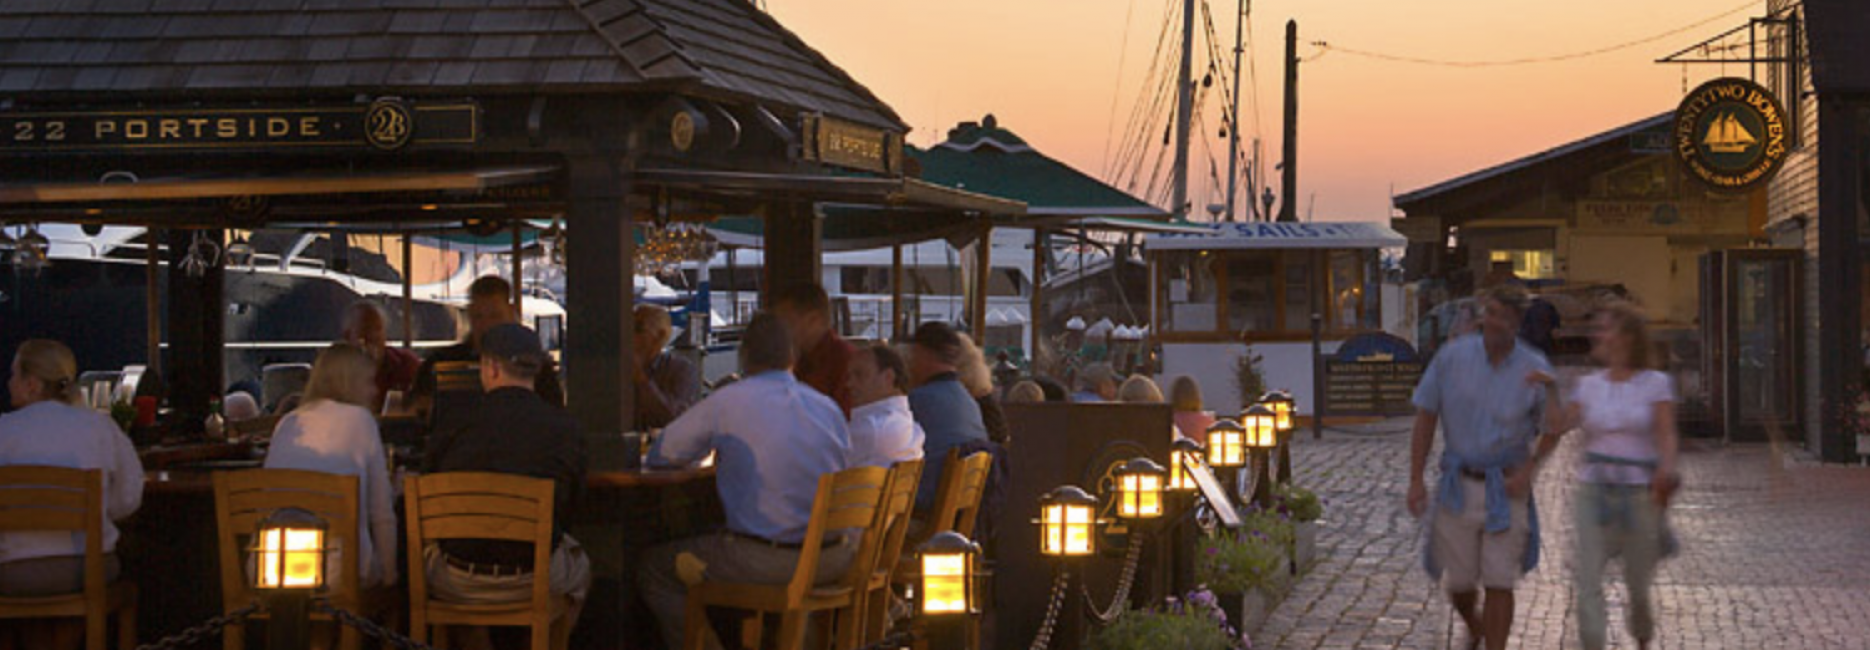 Best Outdoor Bars In Newport Ri